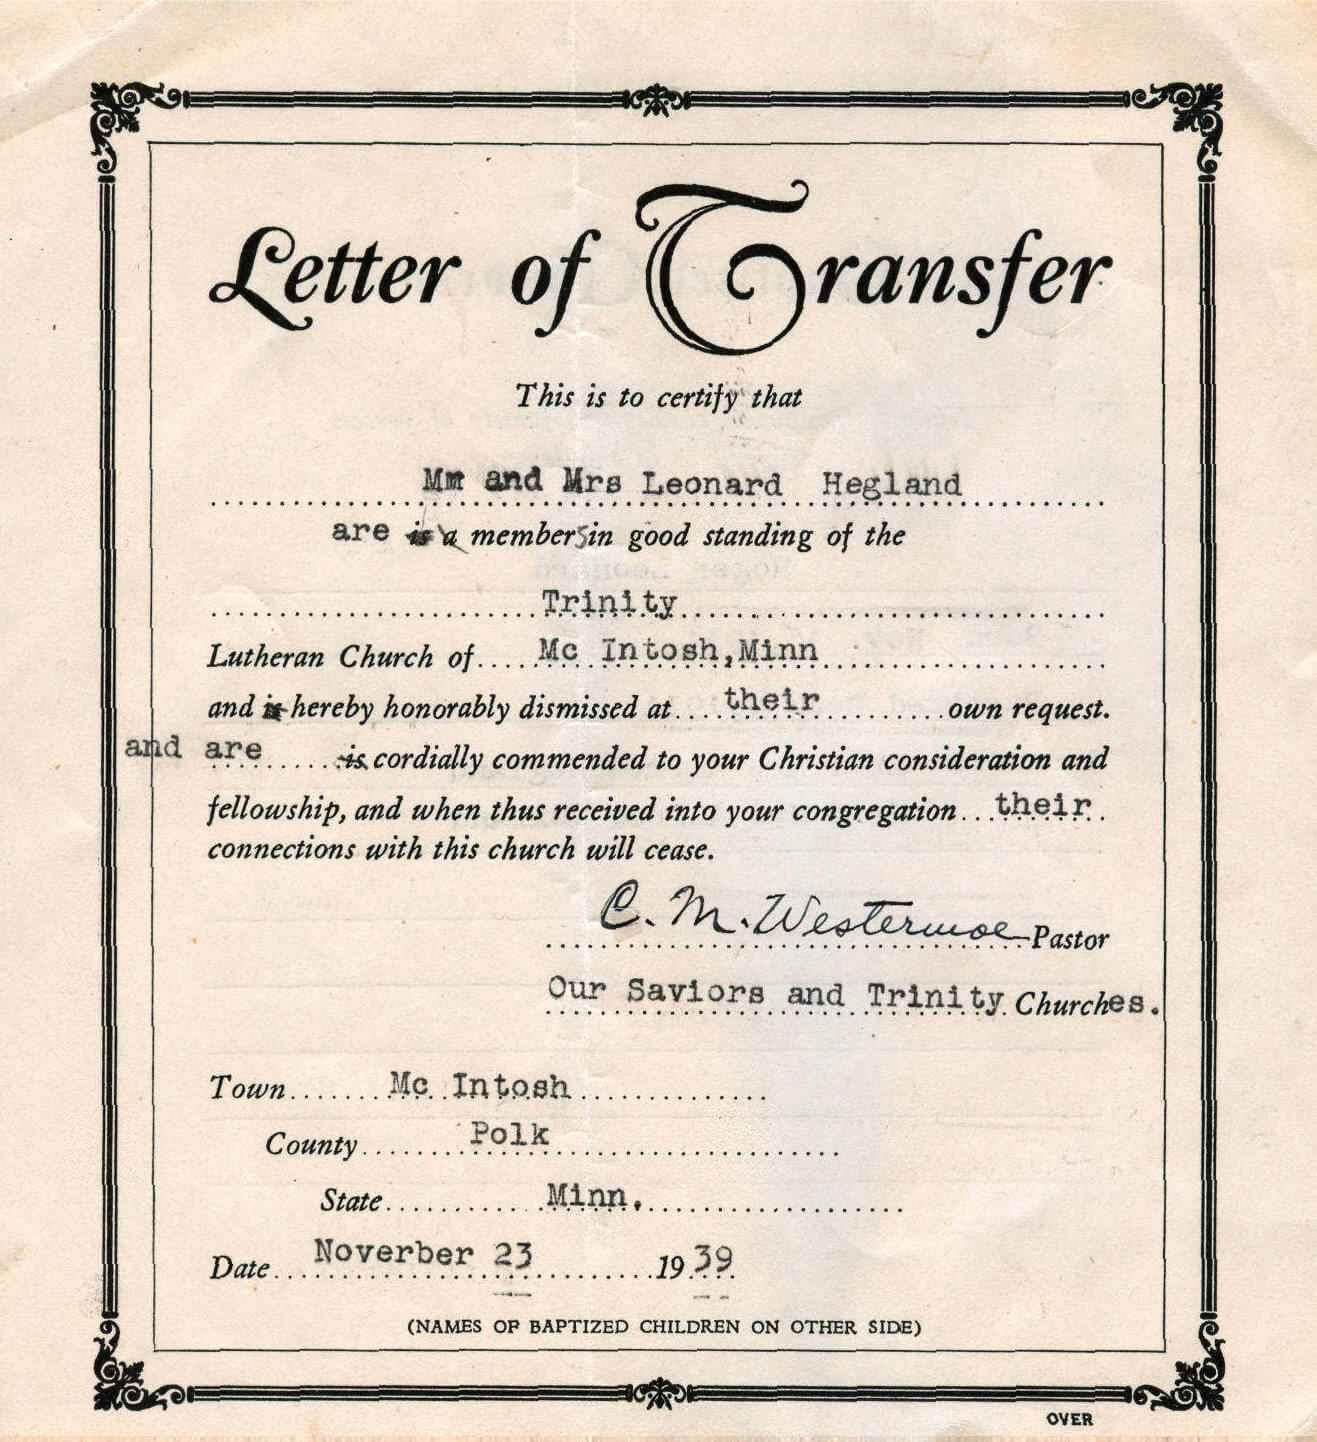 Sample Application For School Leaving Certificate With School Leaving Certificate Template